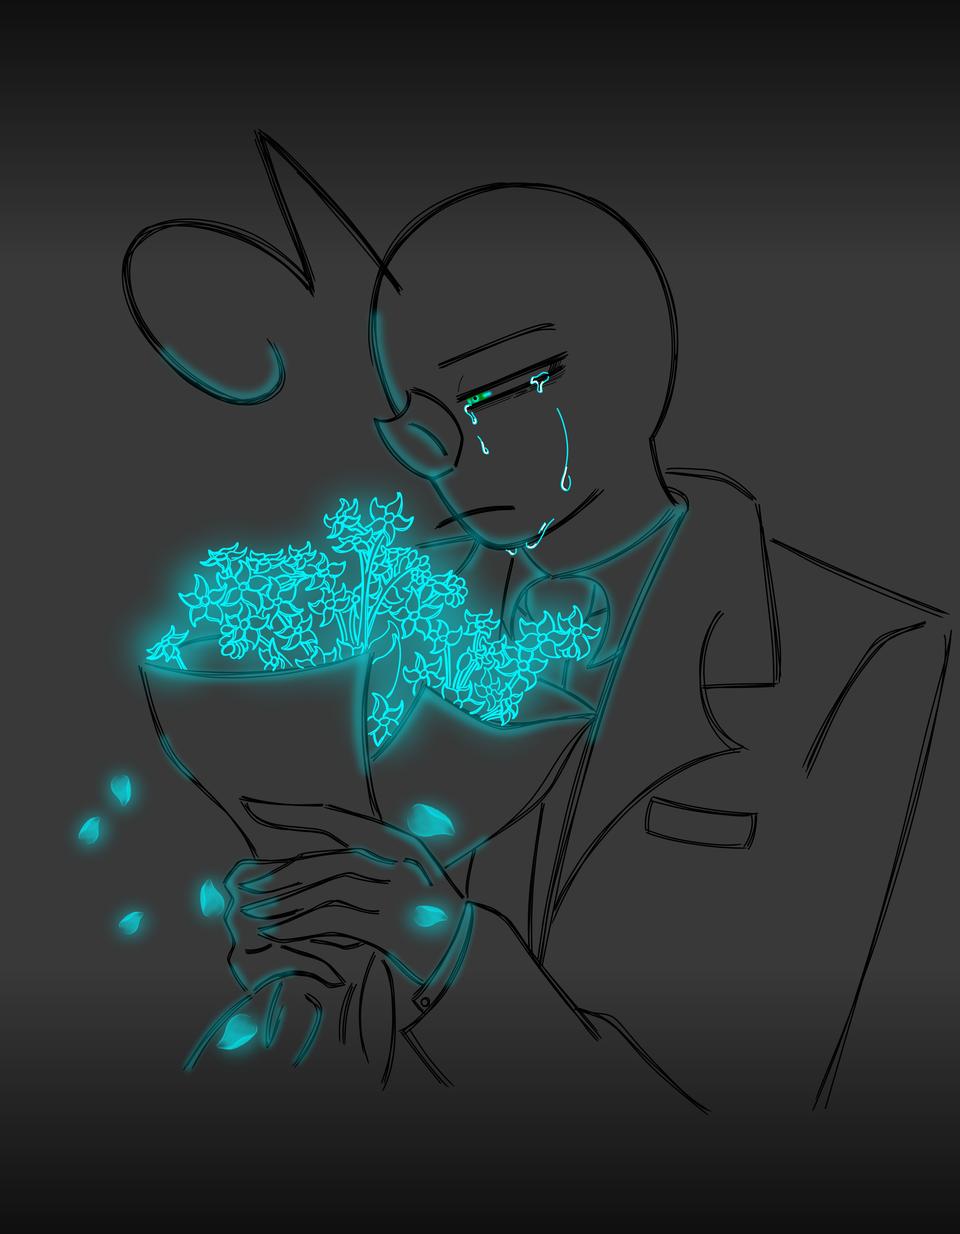 Illust of ฿₳ⱠĐł ฿₳ⱠĐł₥ØⱤɆ medibangpaint sad